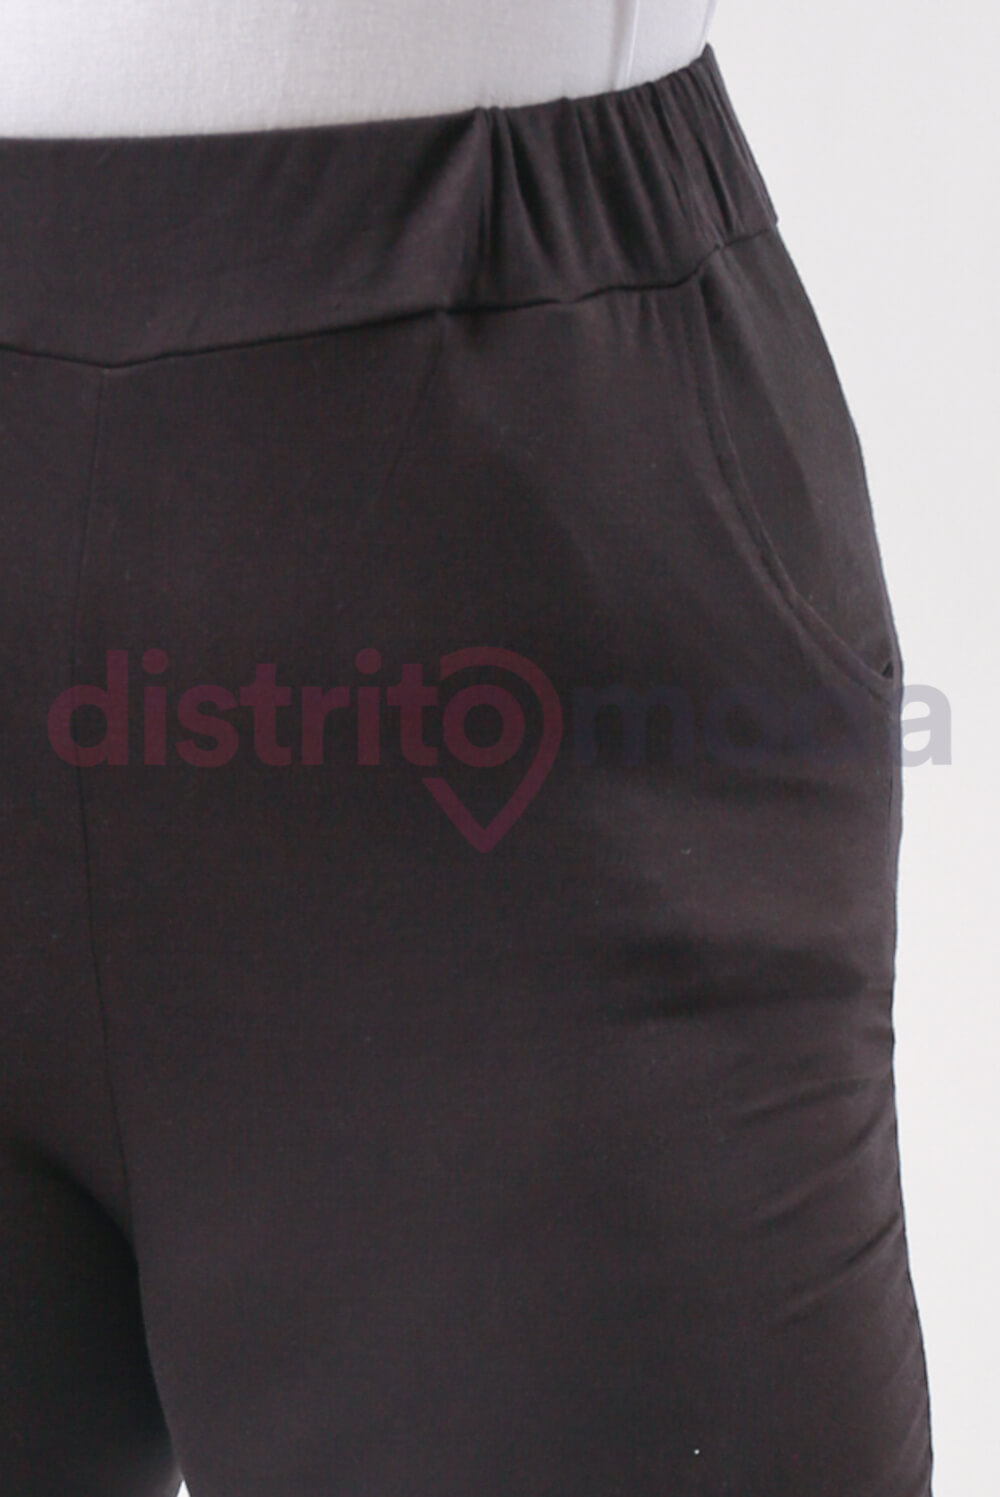 Pantalon De Modal Distrito Moda